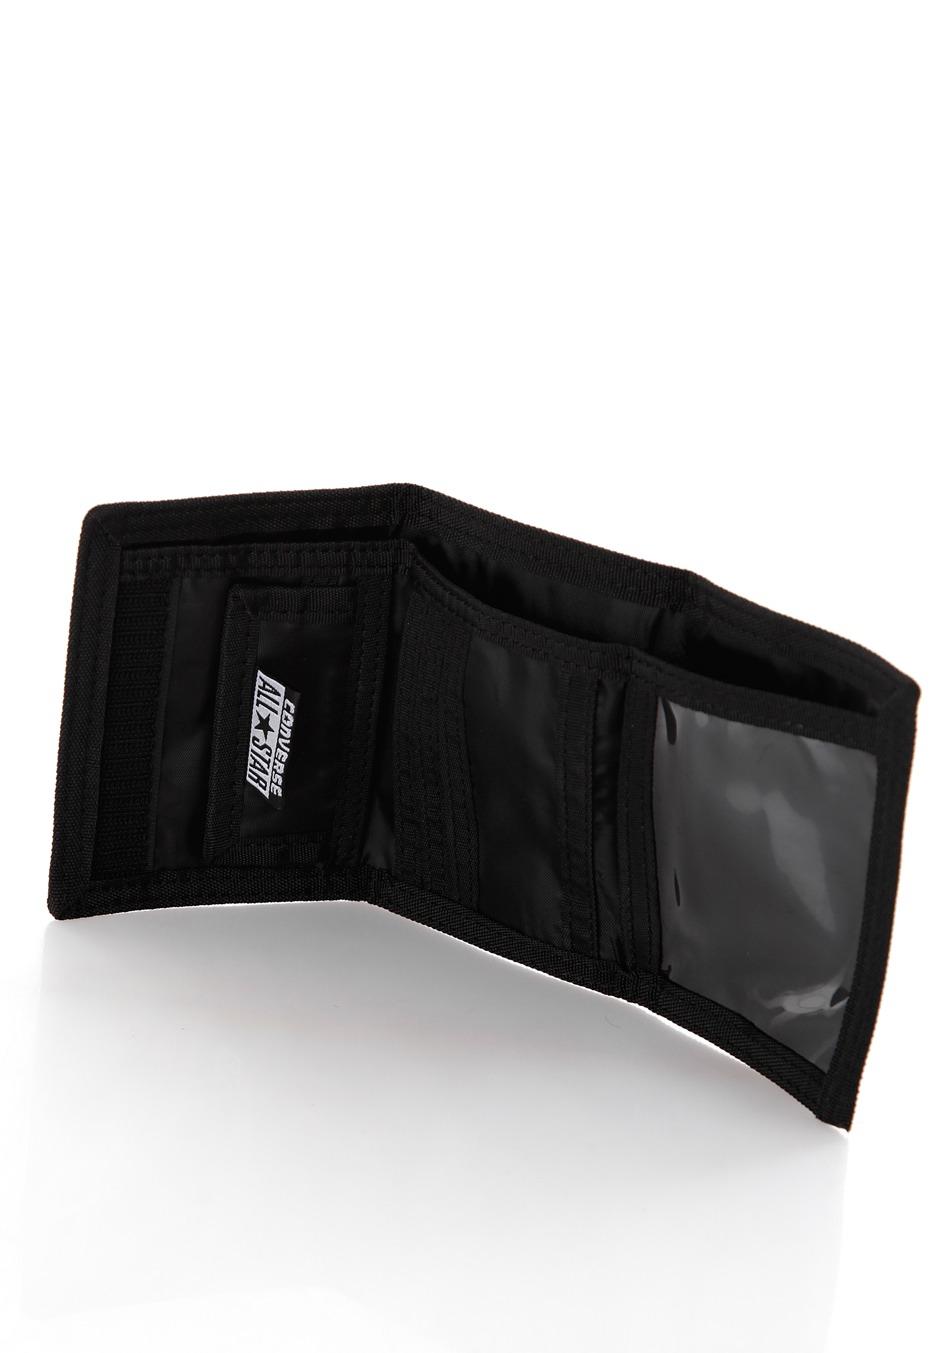 Converse - Pro Game Jet Black - Wallet - Impericon.com UK 42af8f492b